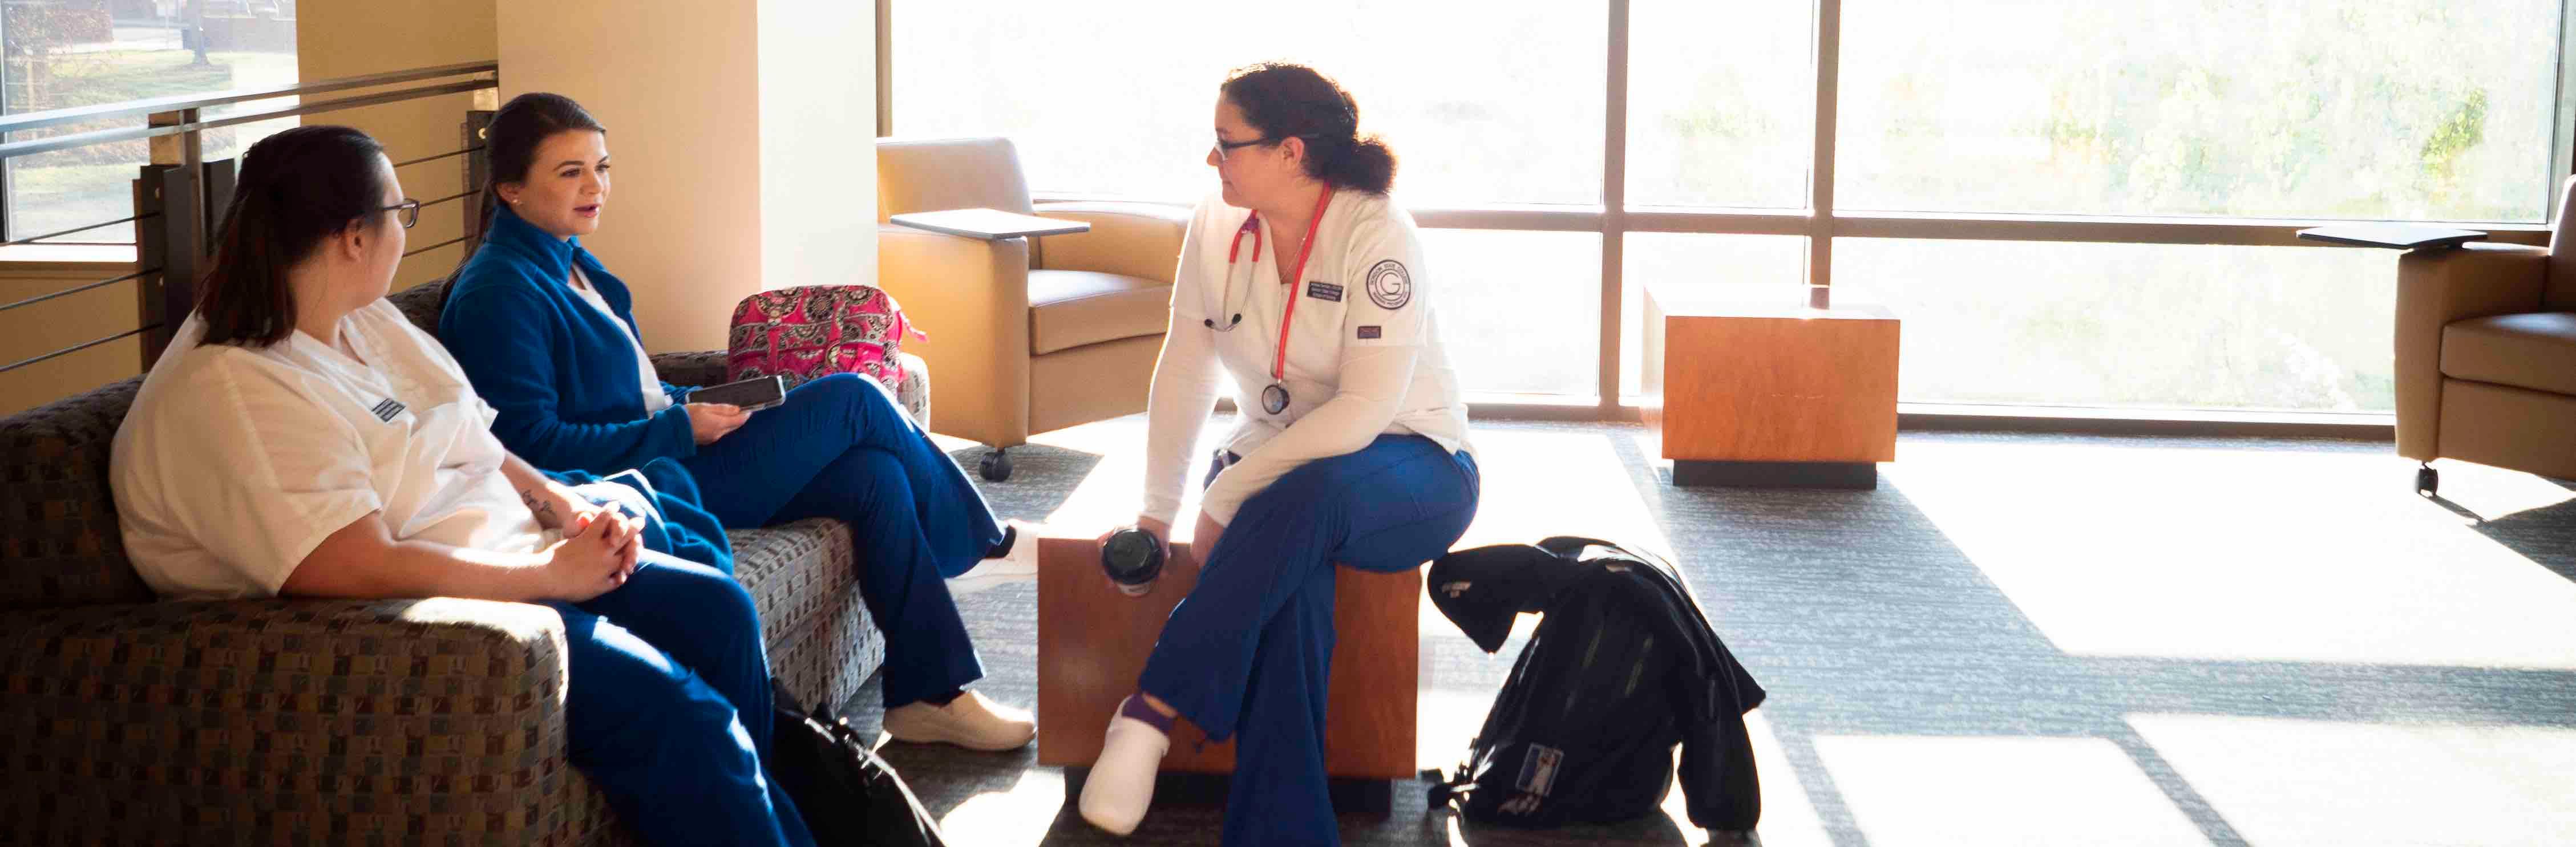 nursing-lobby-b.jpg